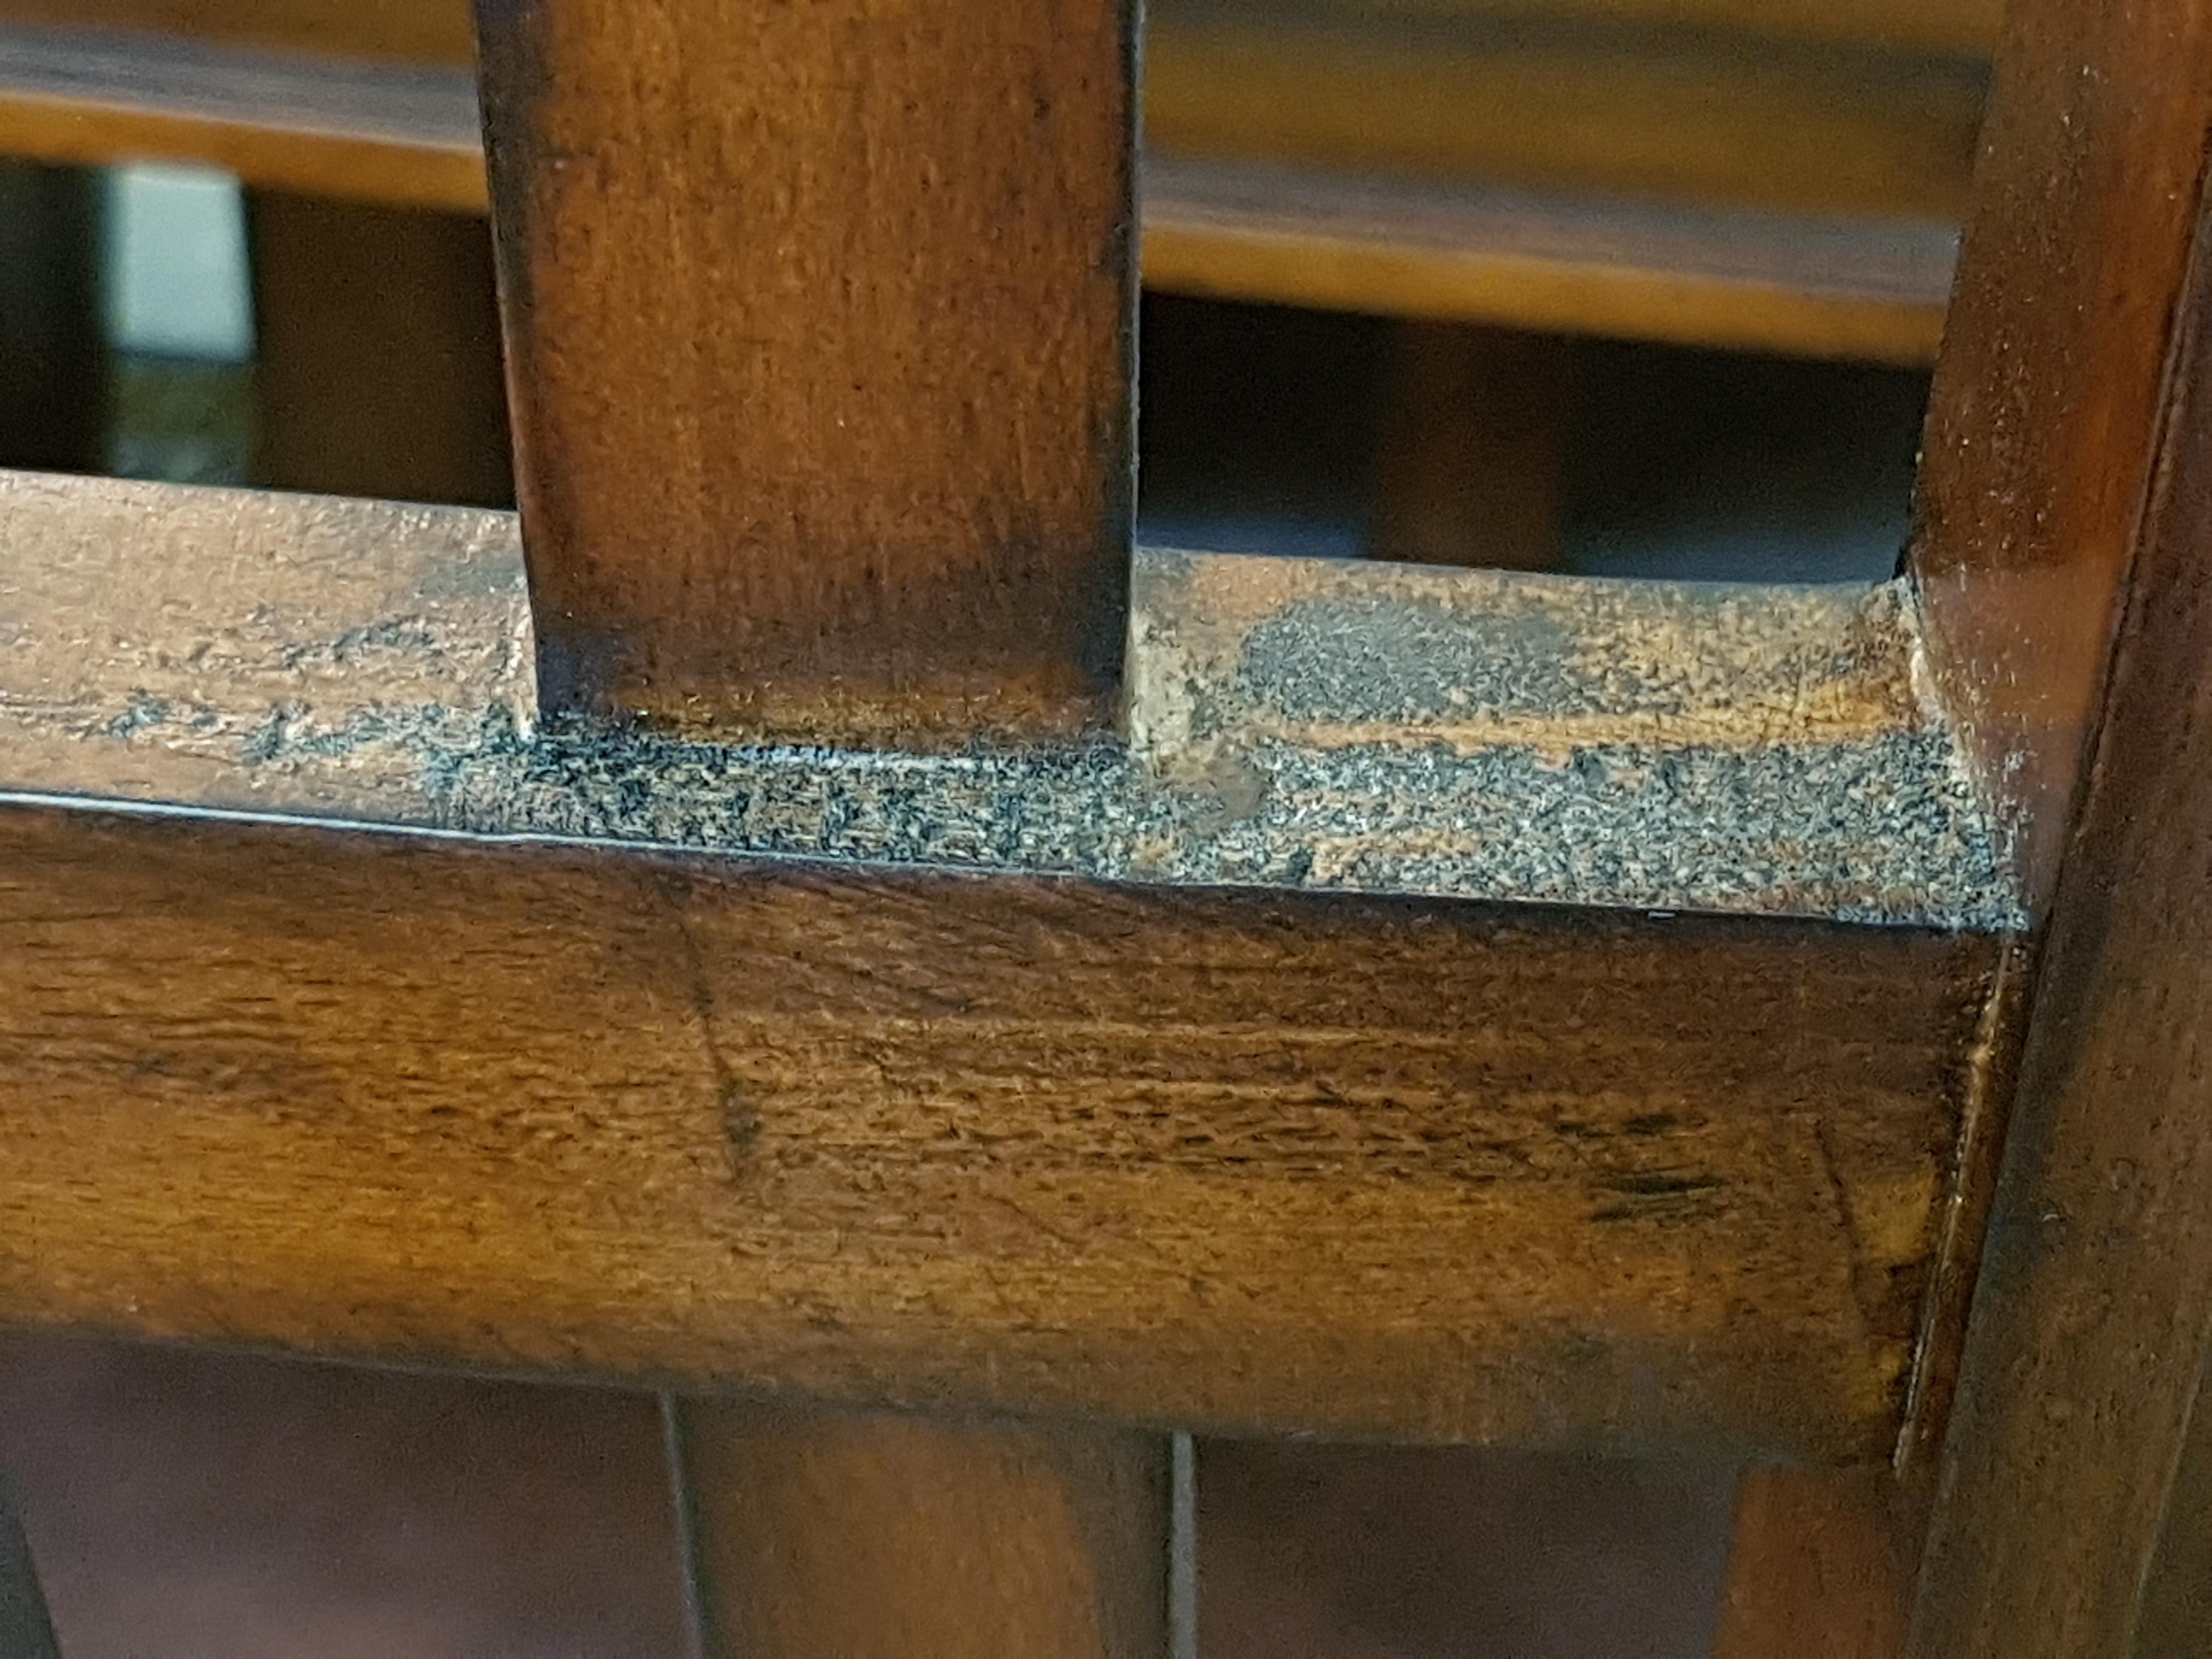 Bel Furniture   Sugar Land 4989 Sweetwater Blvd, Sugar Land, TX 77479   YP. Com